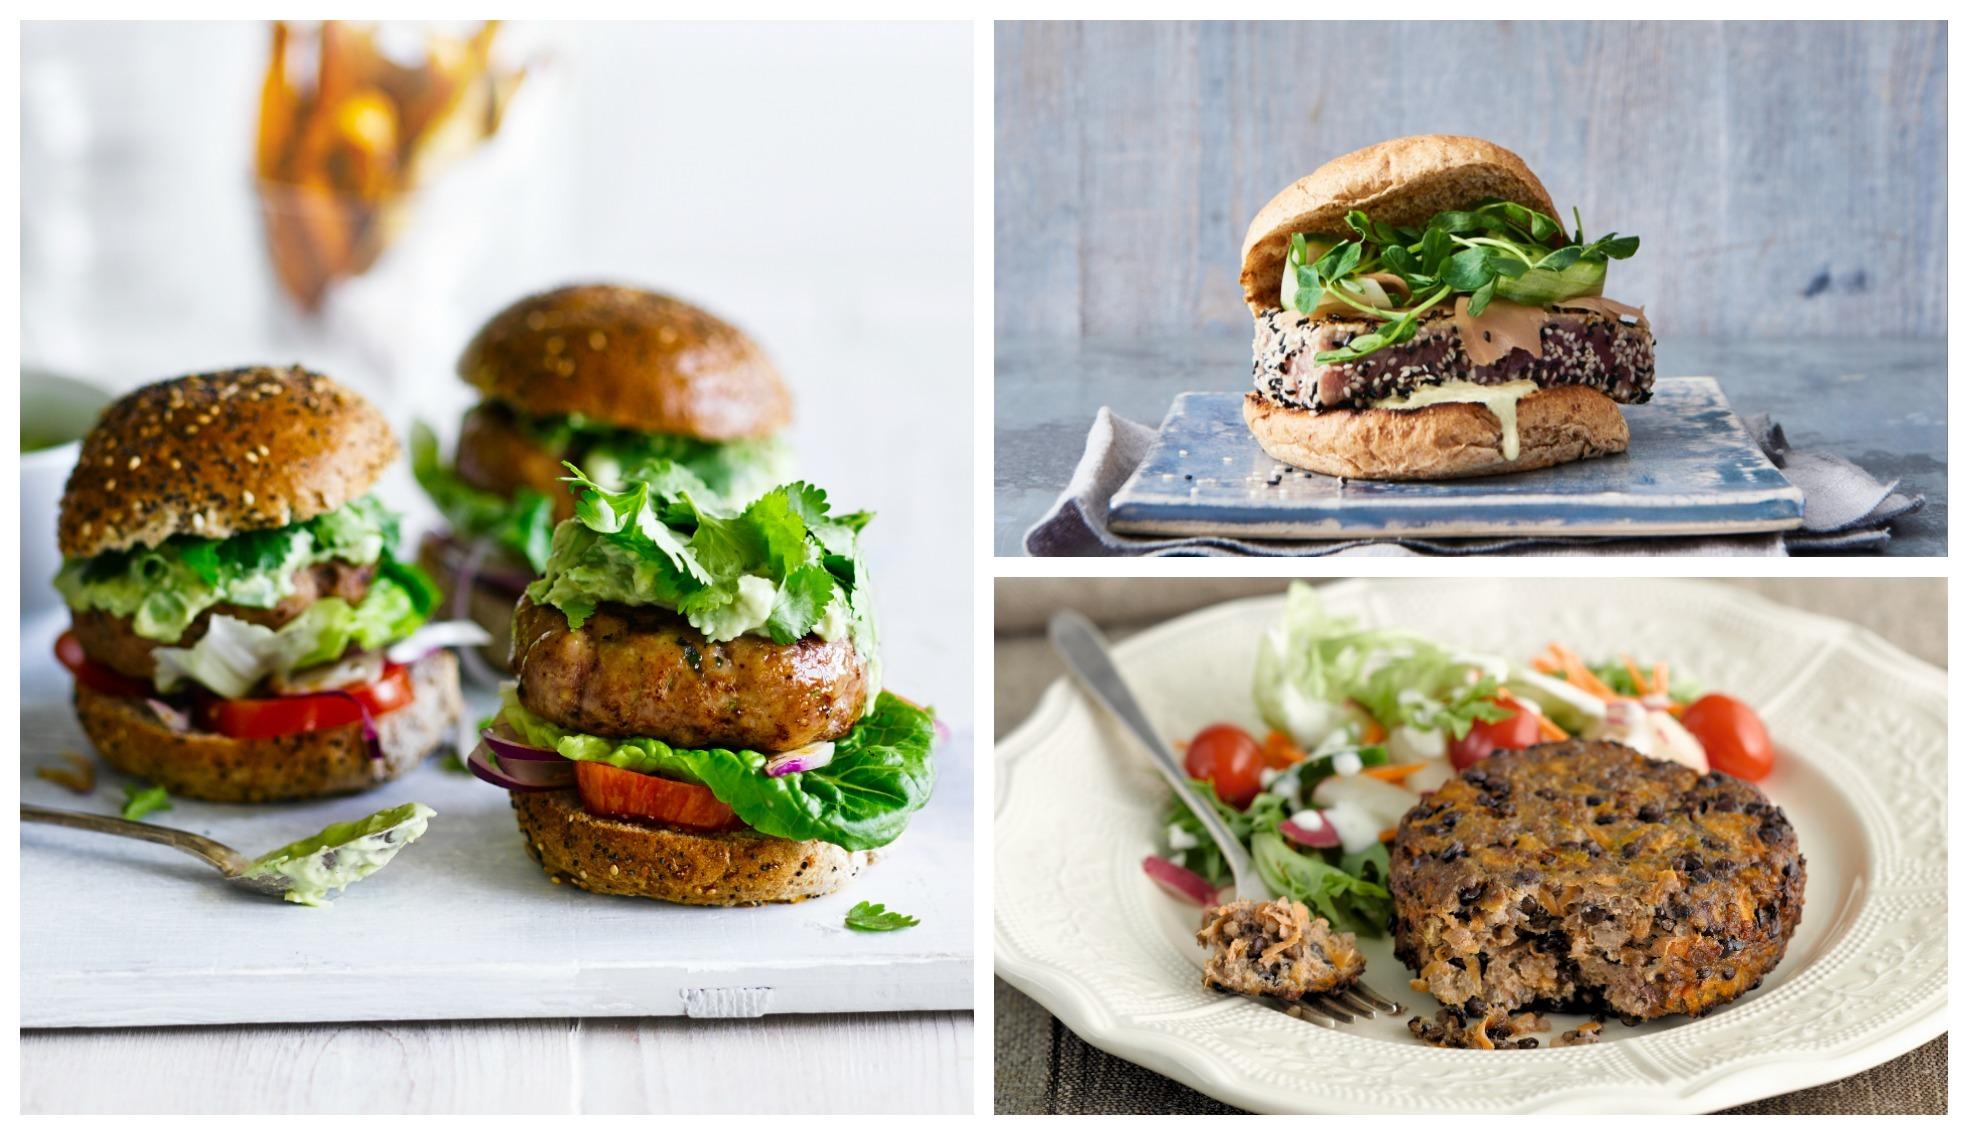 Burger recipes, courtesy of Waitrose